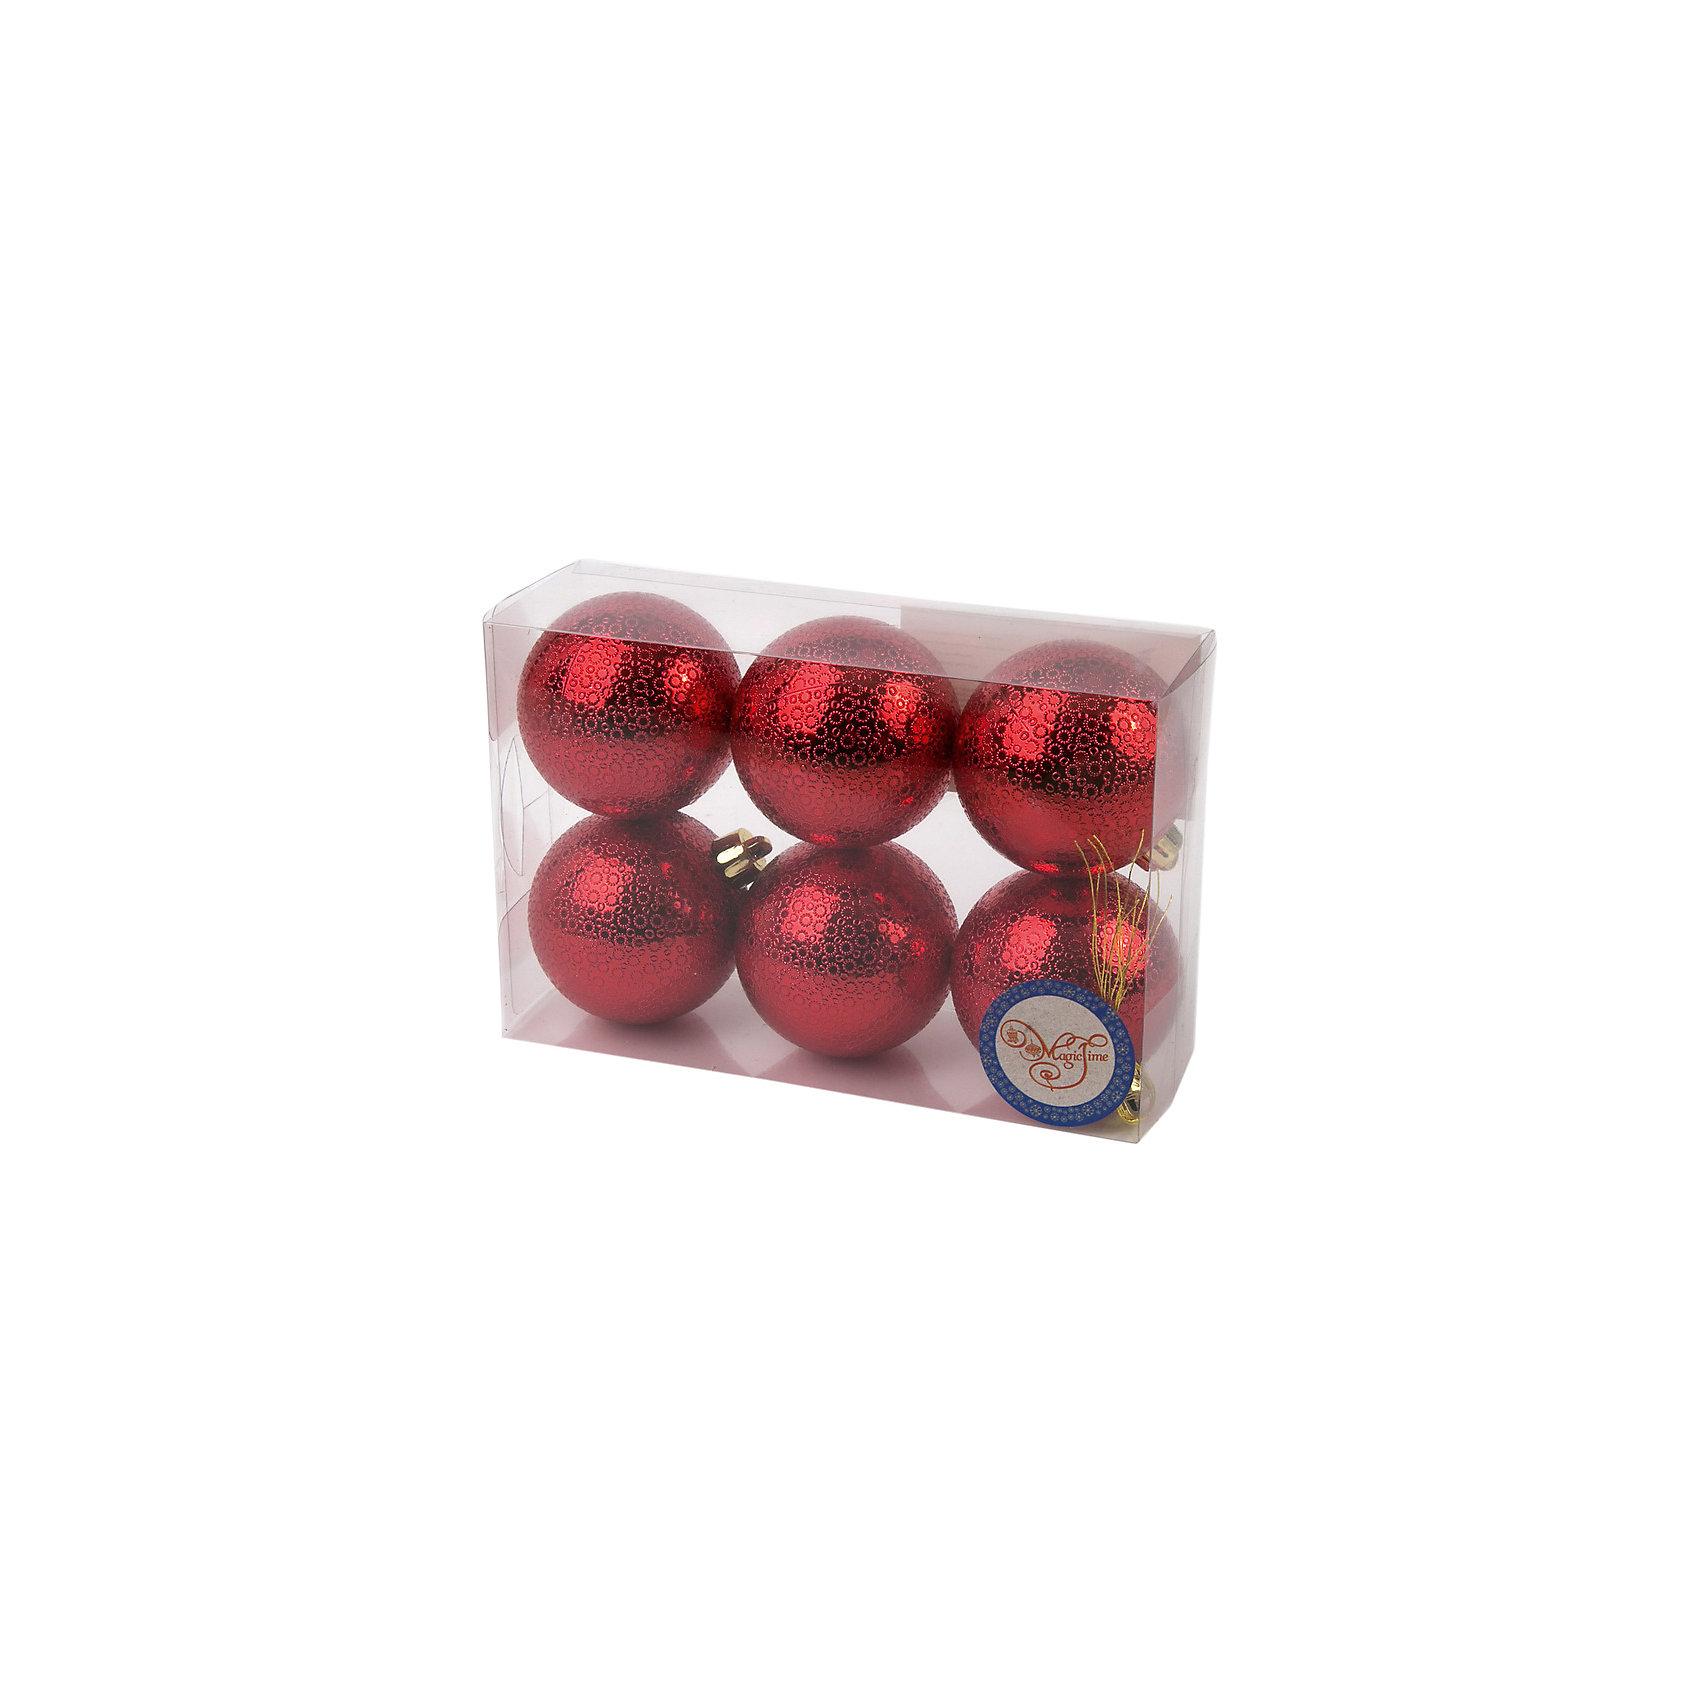 Новогоднее подвесное украшение Шар Мерцание красный из полистирола. Набор из 6 шт., 76040Ёлочные игрушки<br><br><br>Ширина мм: 120<br>Глубина мм: 170<br>Высота мм: 60<br>Вес г: 70<br>Возраст от месяцев: 24<br>Возраст до месяцев: 2147483647<br>Пол: Унисекс<br>Возраст: Детский<br>SKU: 7129143